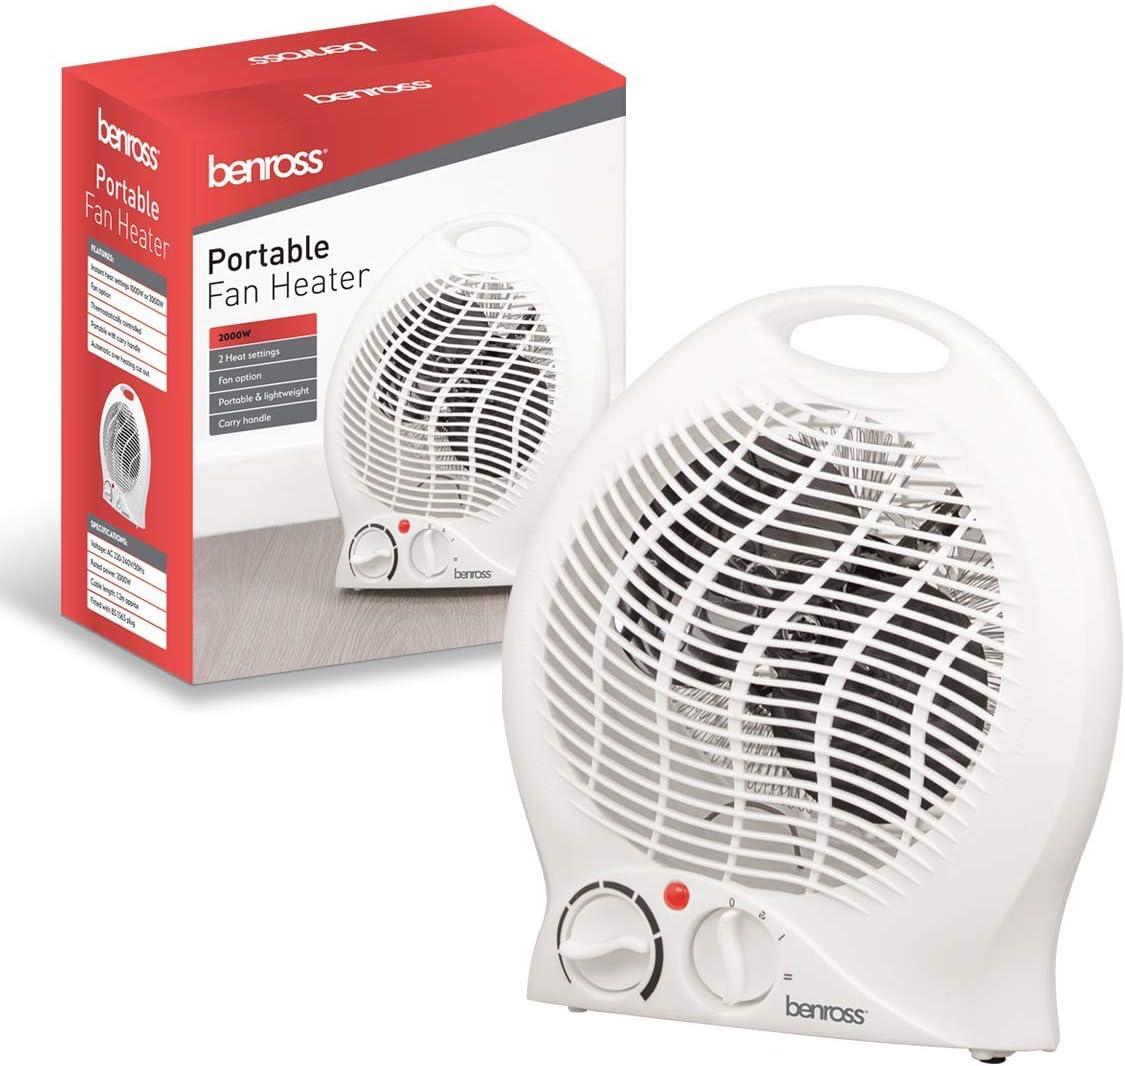 BENROSS 2kw Fan Heater Small Portable